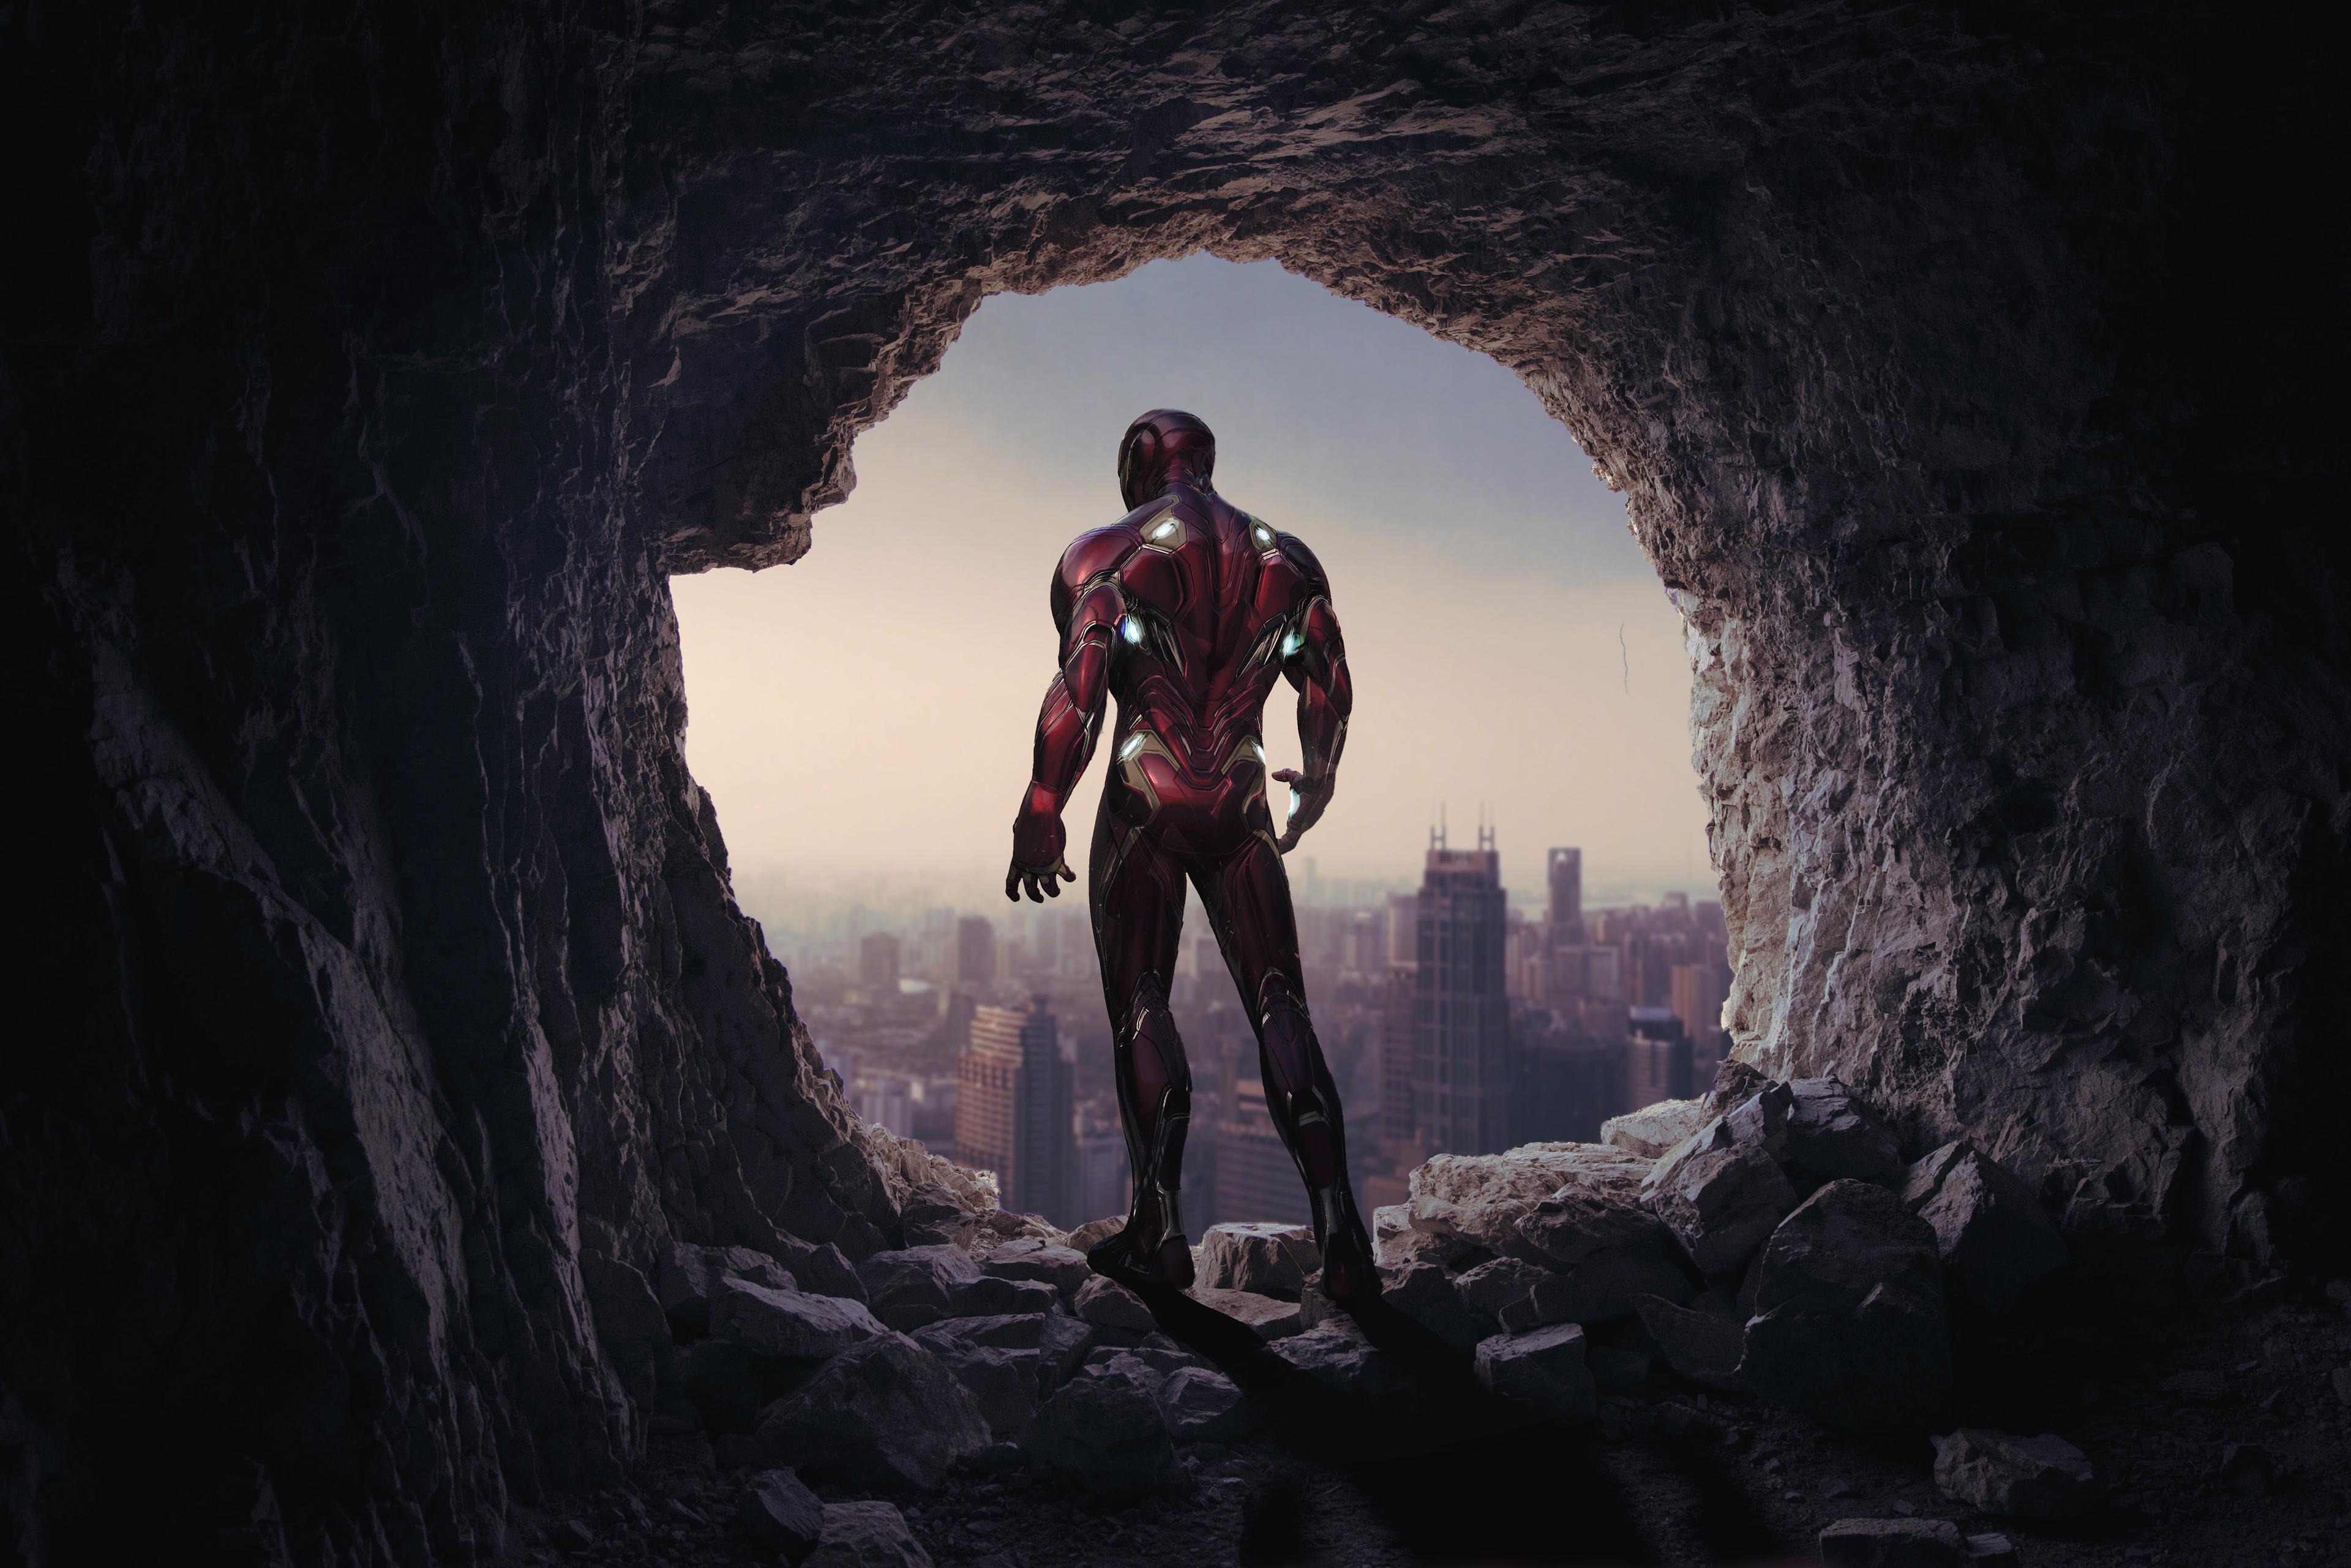 Iron Man Avengers Endgame 4k 2019 Hd Superheroes 4k